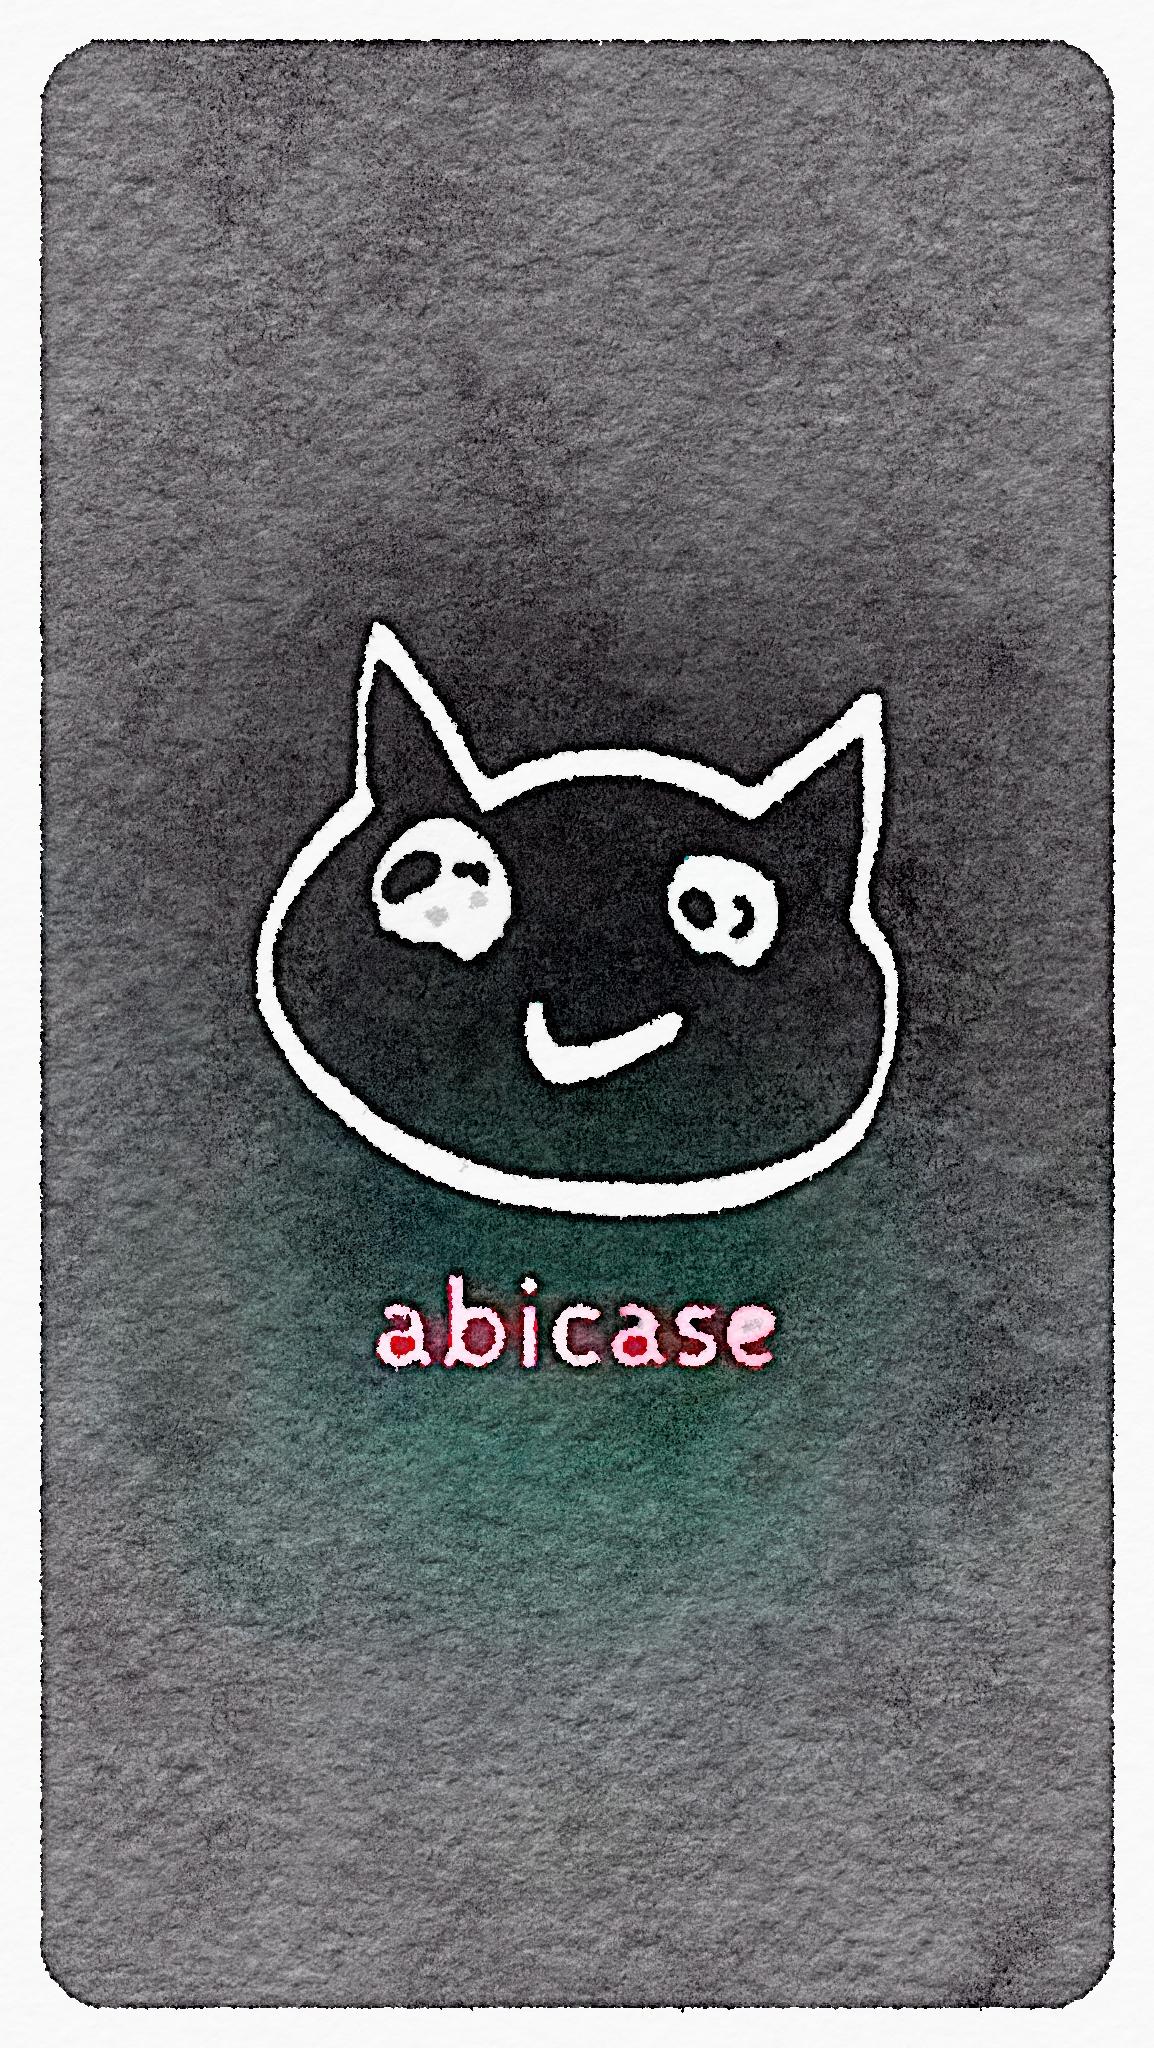 こだわりのiPhoneケース「abicase」をお手入れしてみた!